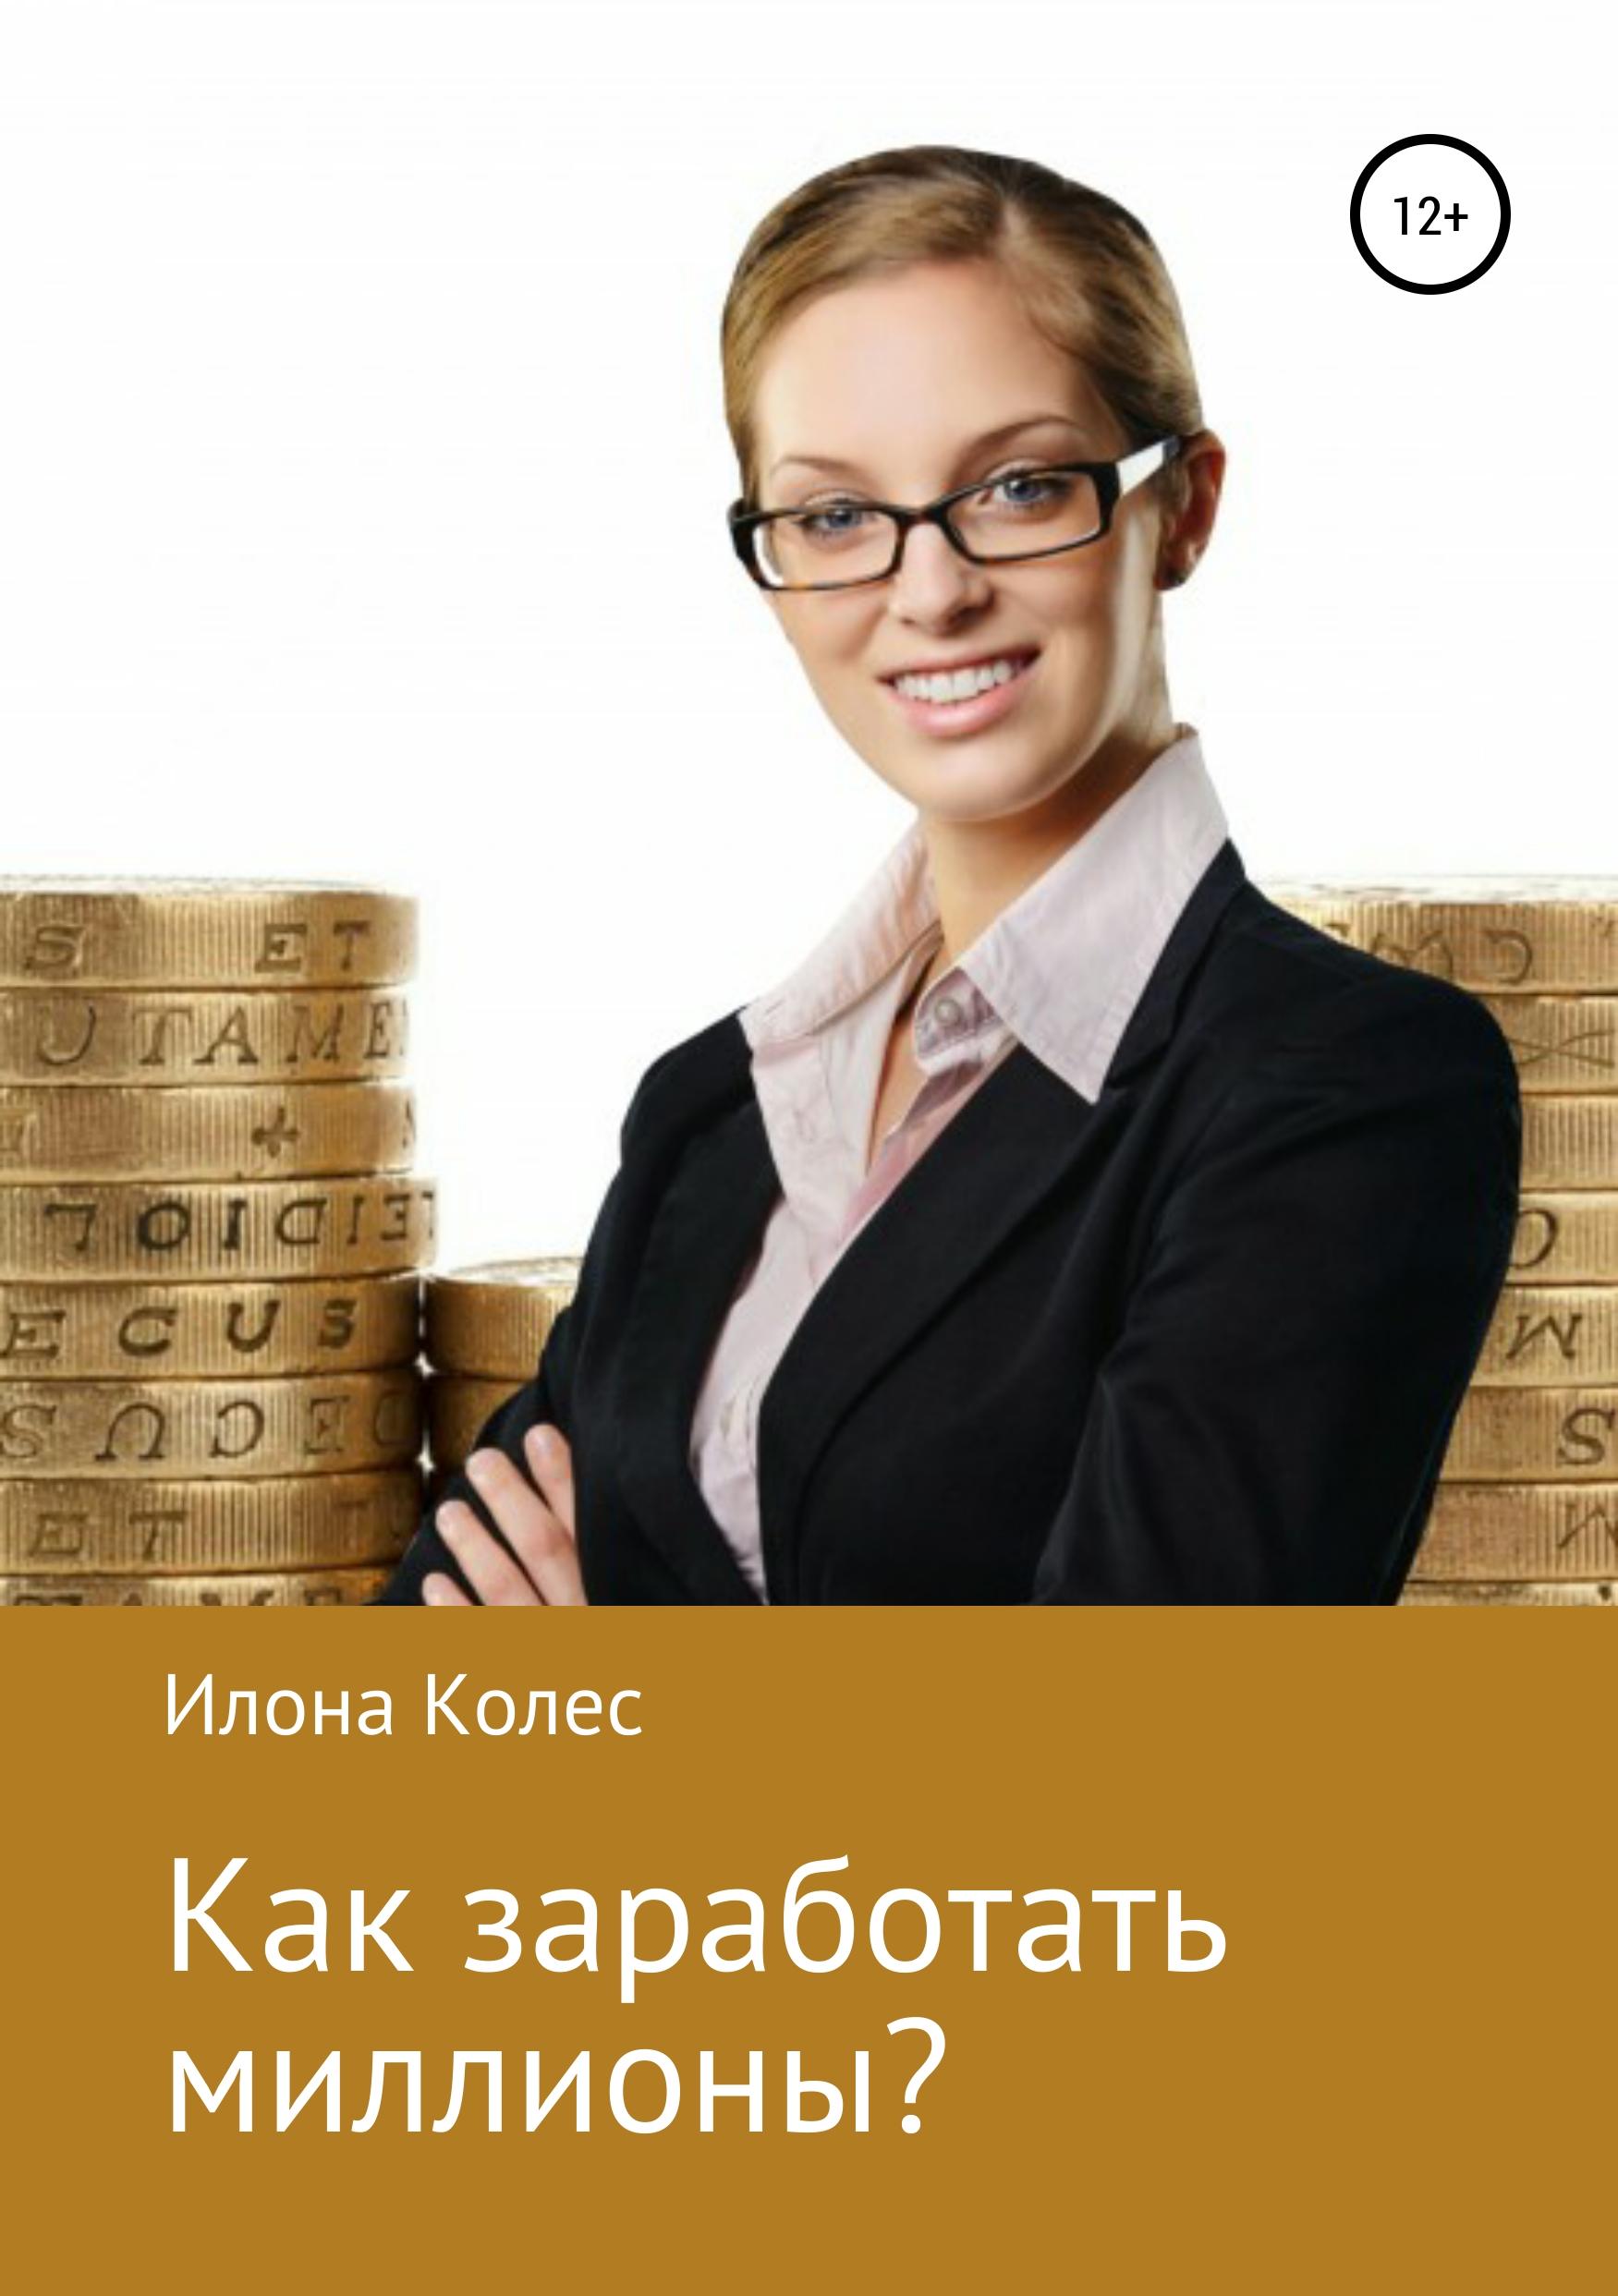 Обложка книги. Автор - Илона Колес